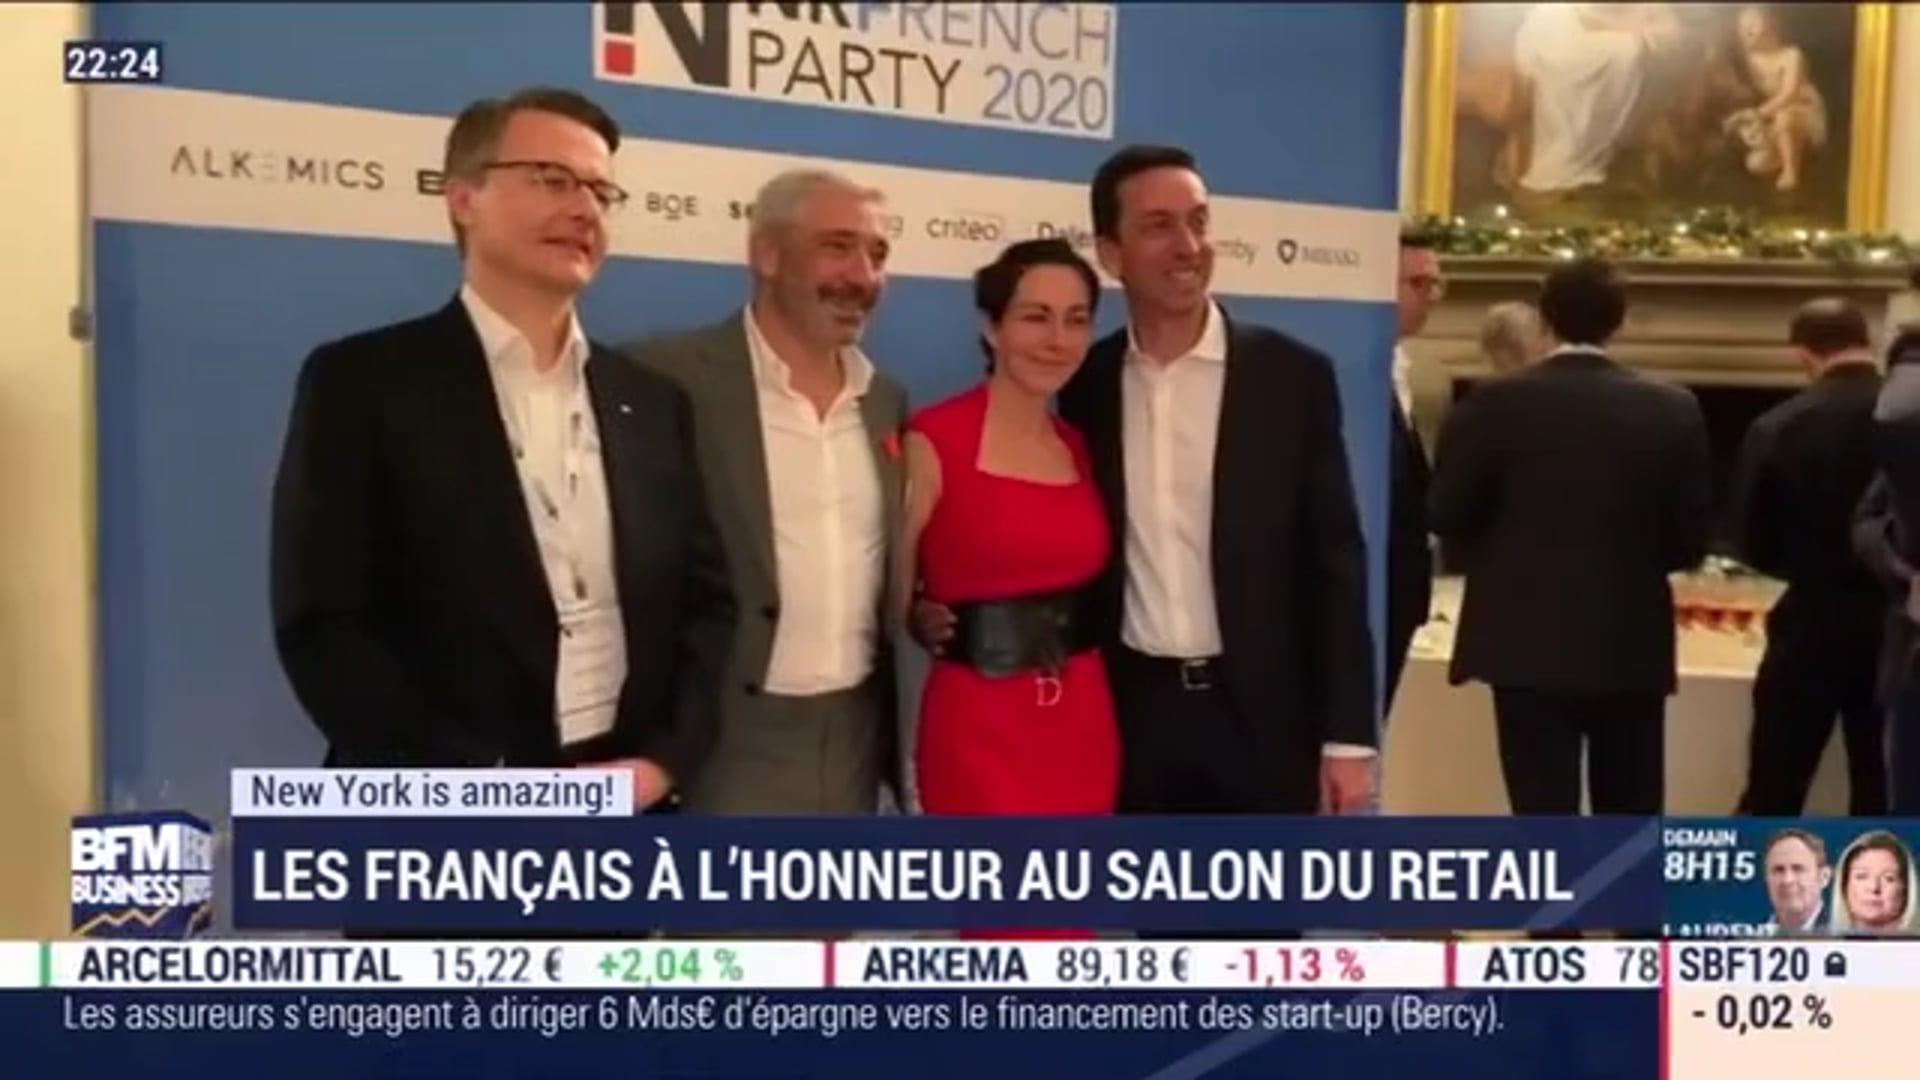 Les Français à l'honneur au salon du retail